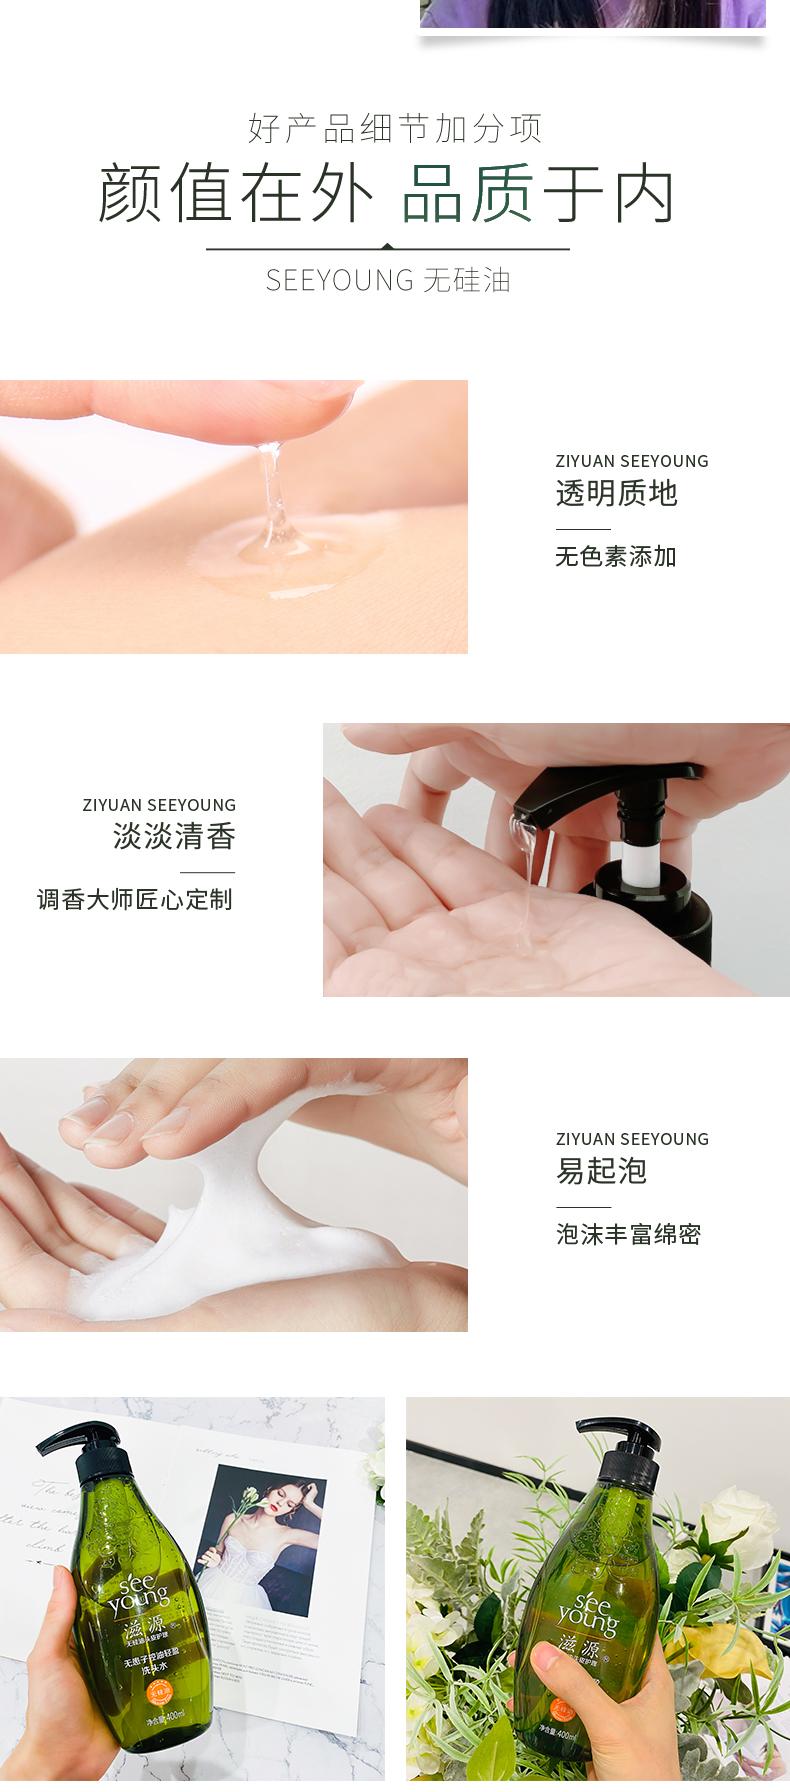 滋源 无硅油无洗发护发素套装 洗发水 400ml+护发素400ml 图15